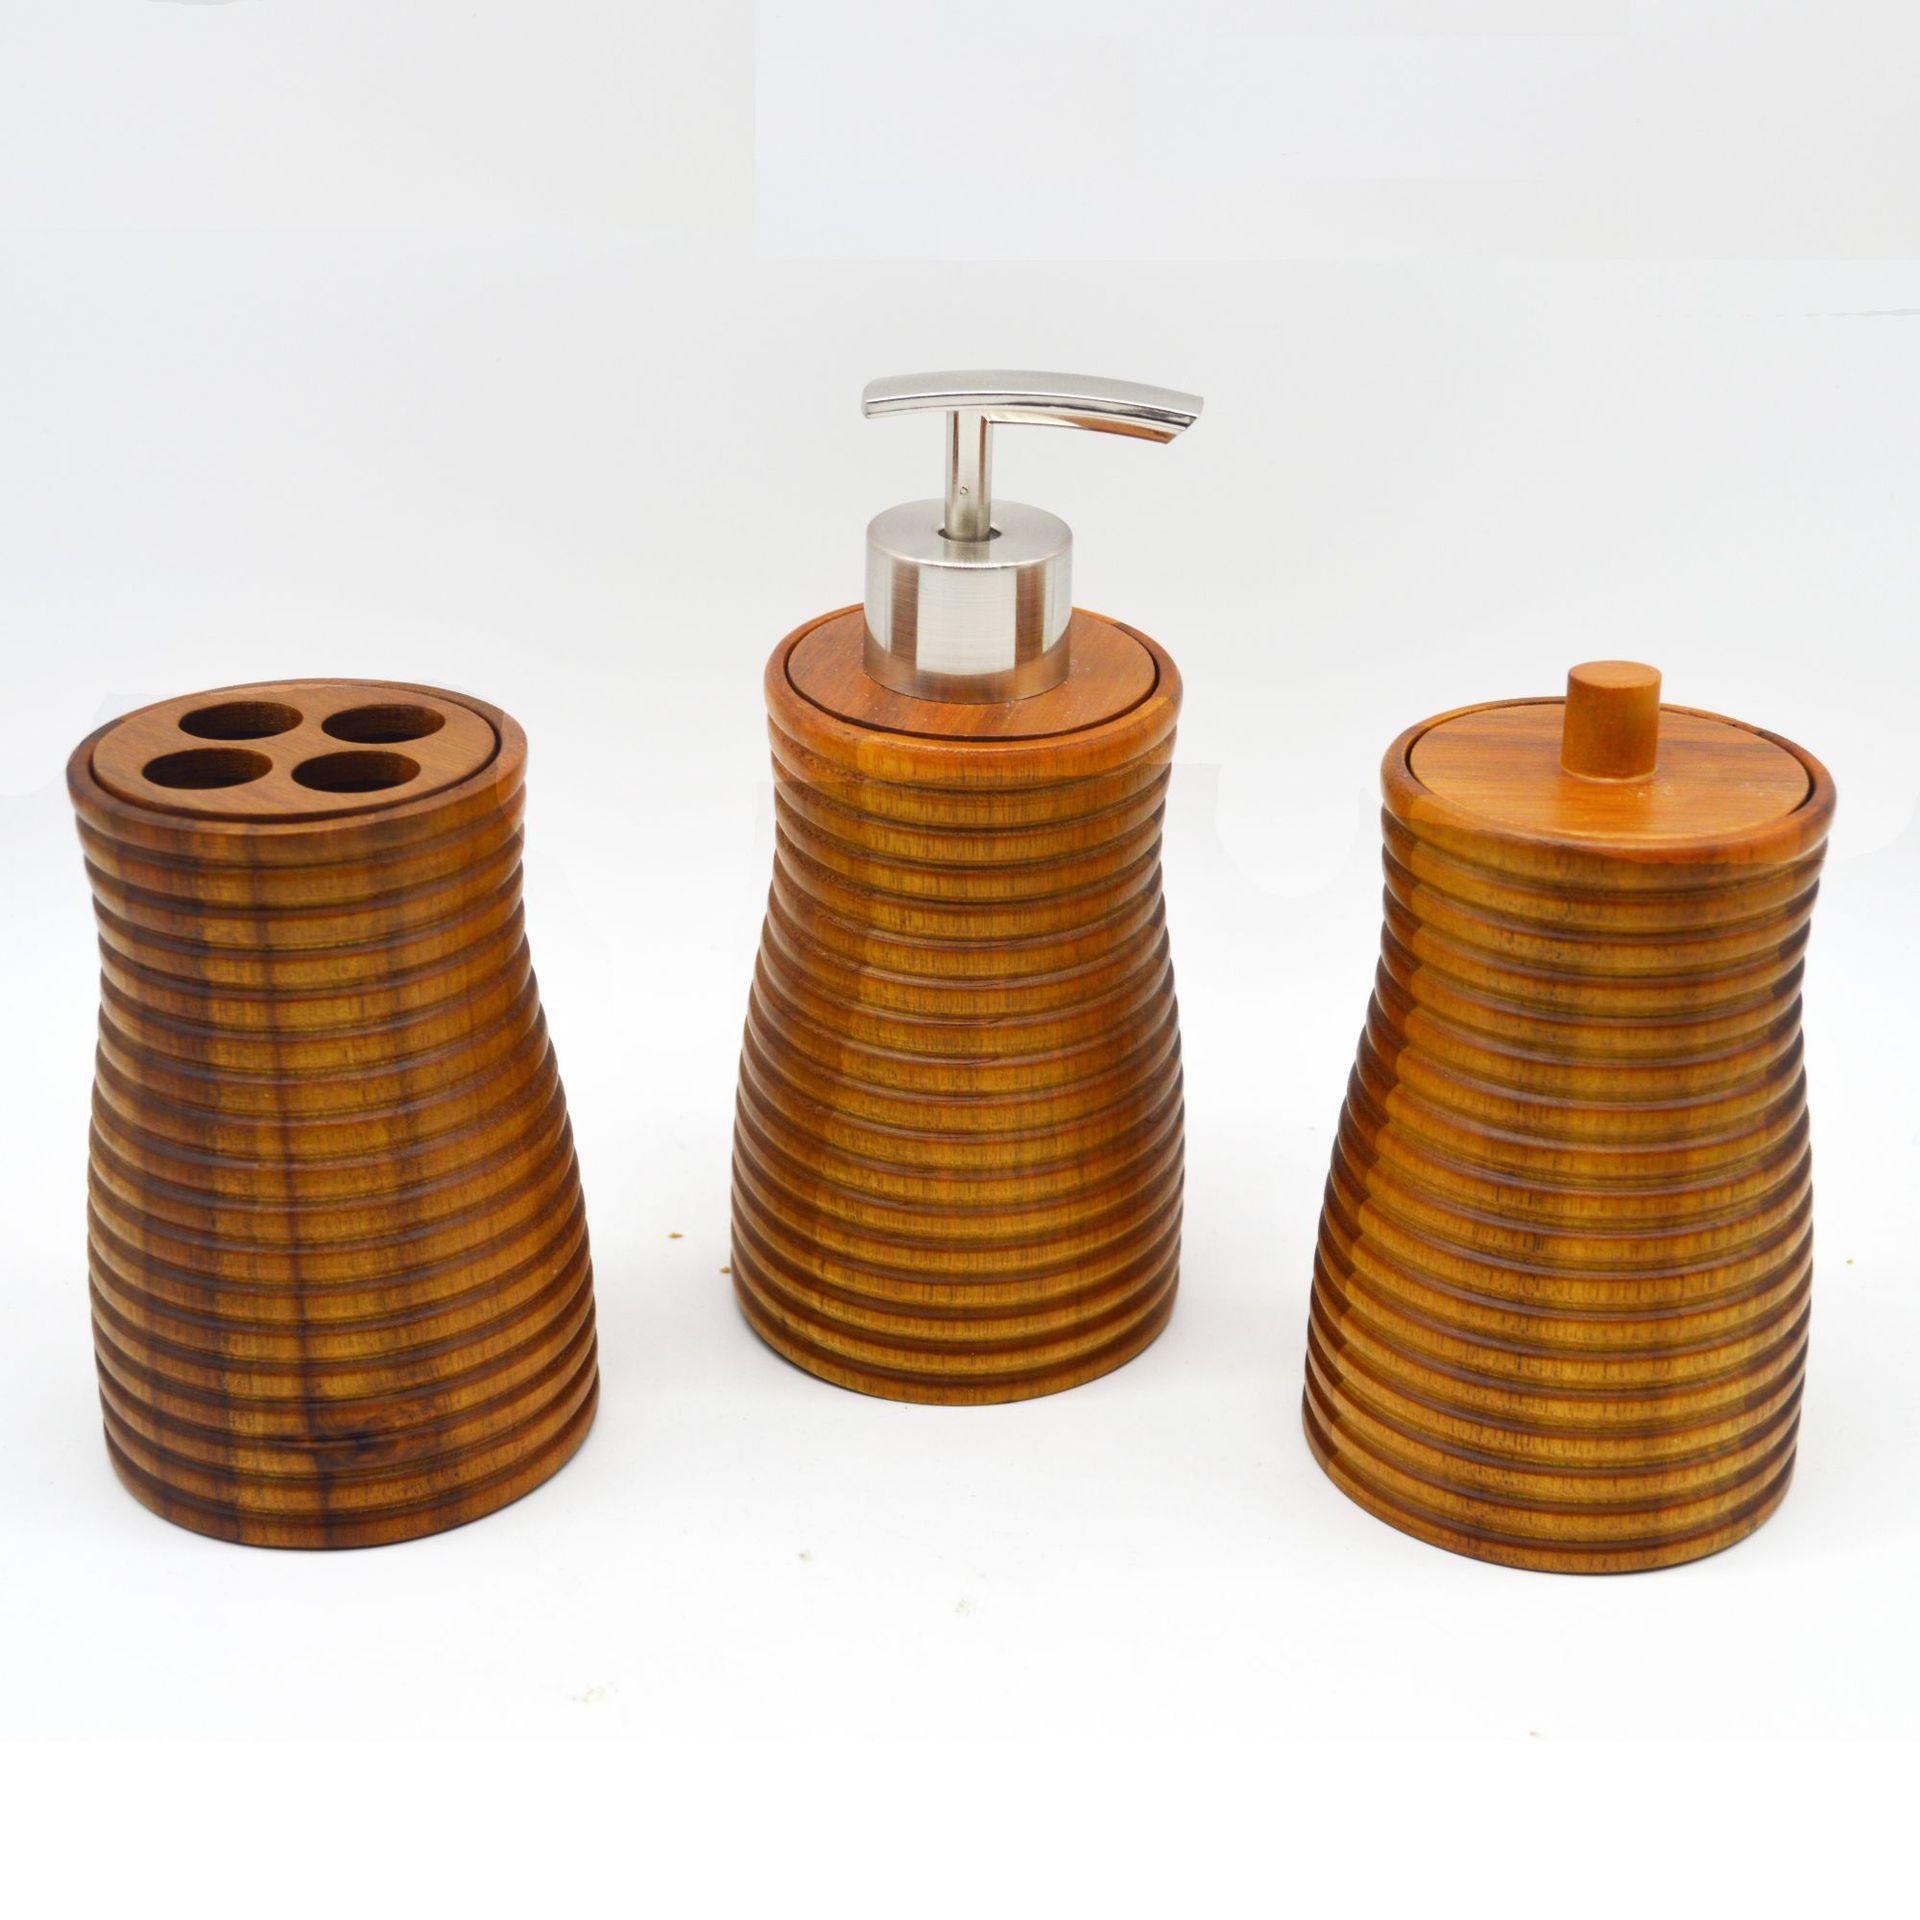 创意卫浴四件套 竹制酒店卫浴用品,木制卫浴组,竹木卫浴套装